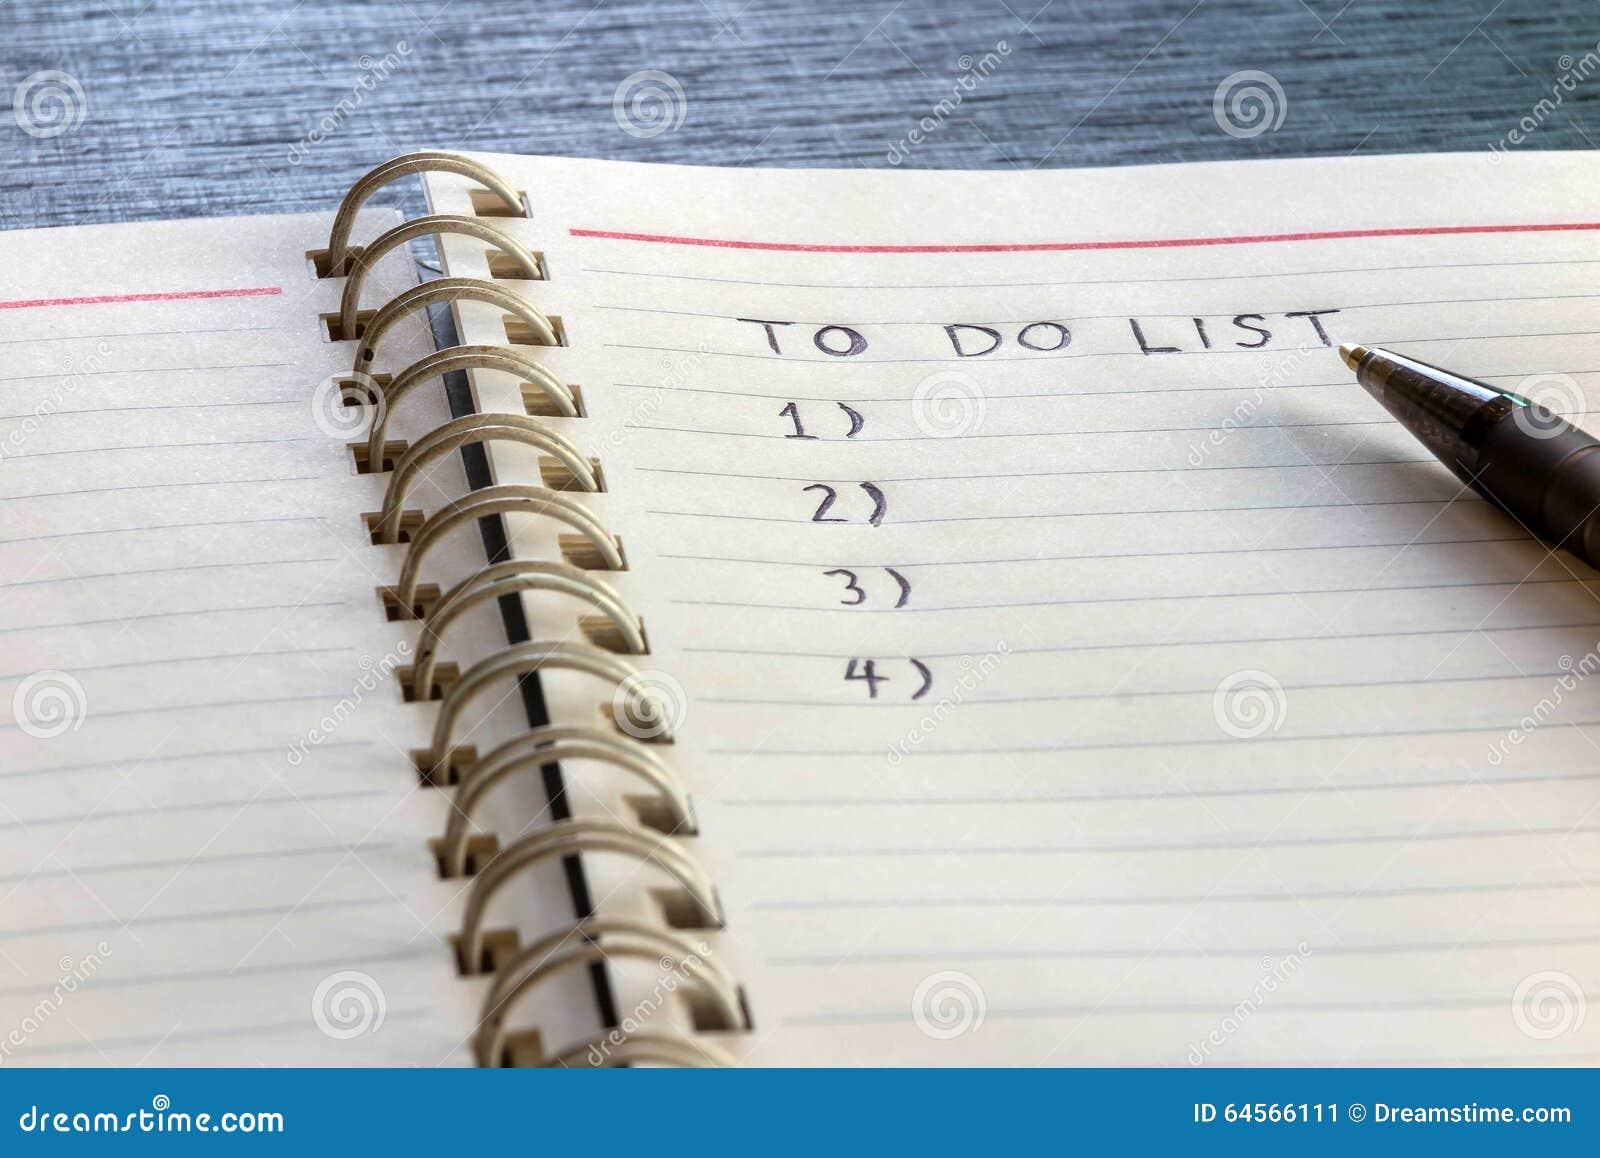 Om zich lijst, plan te doen en te organiseren